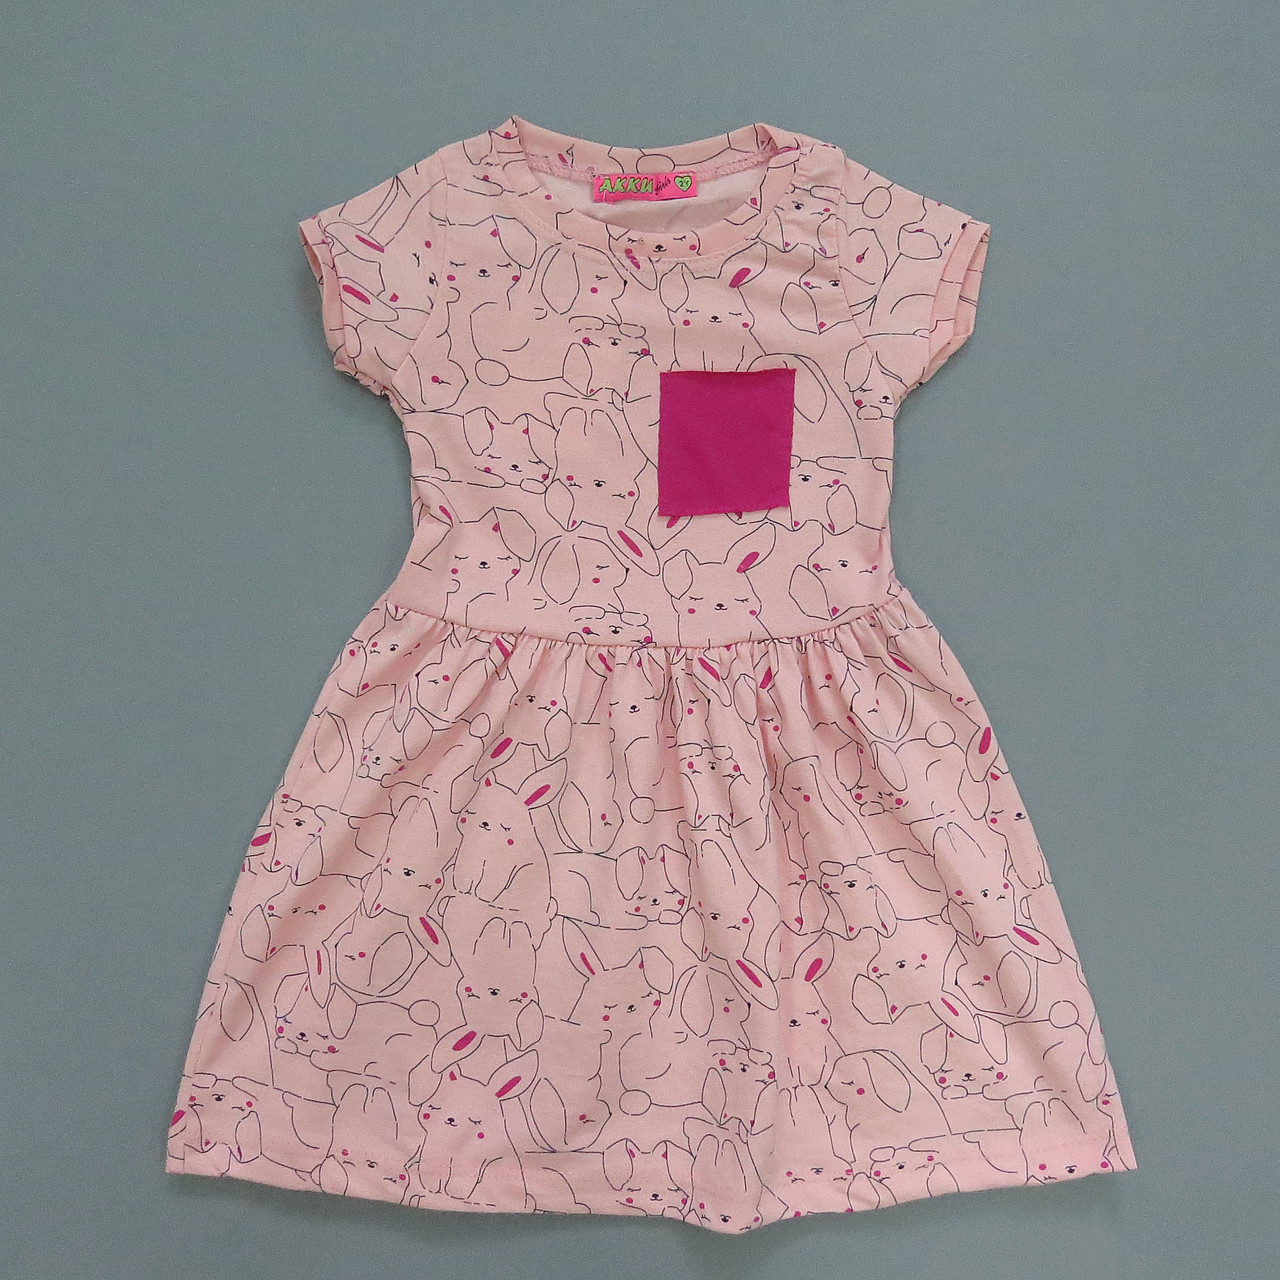 """Літнє плаття """"Кролики"""" для дівчинки. Маломерит. 2 роки"""